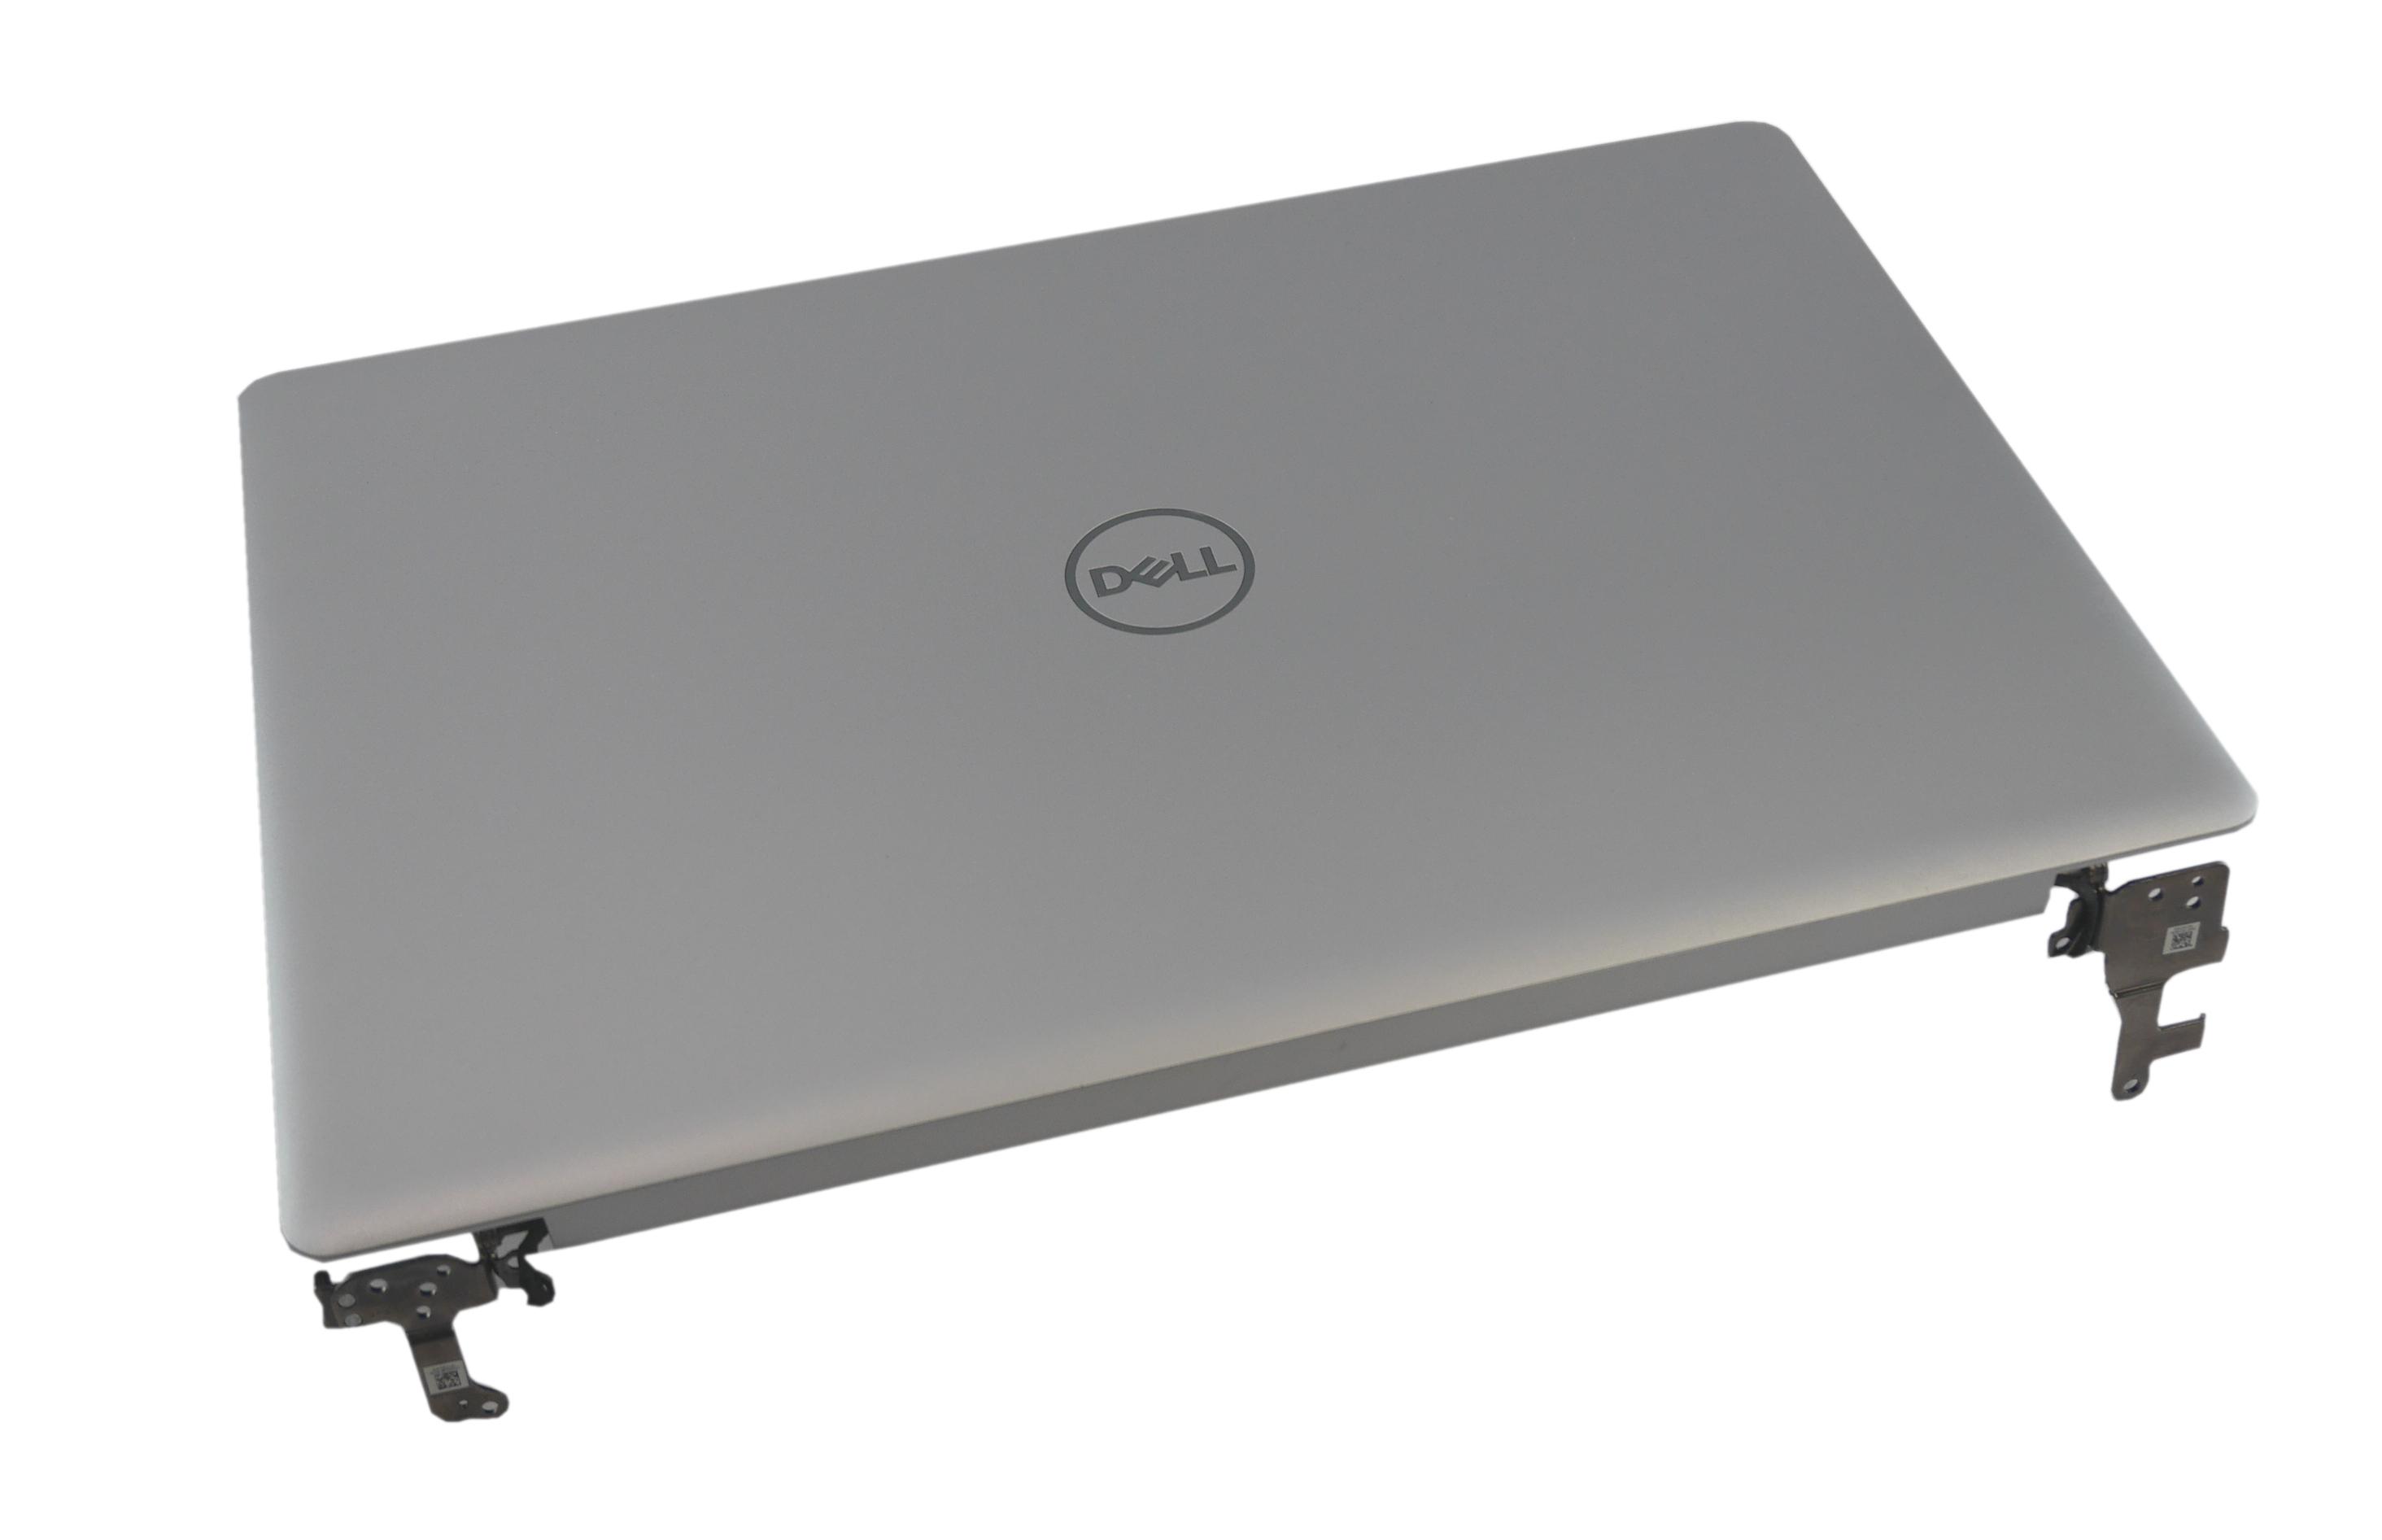 Dell Inspiron 15 5570 P75F 15 6